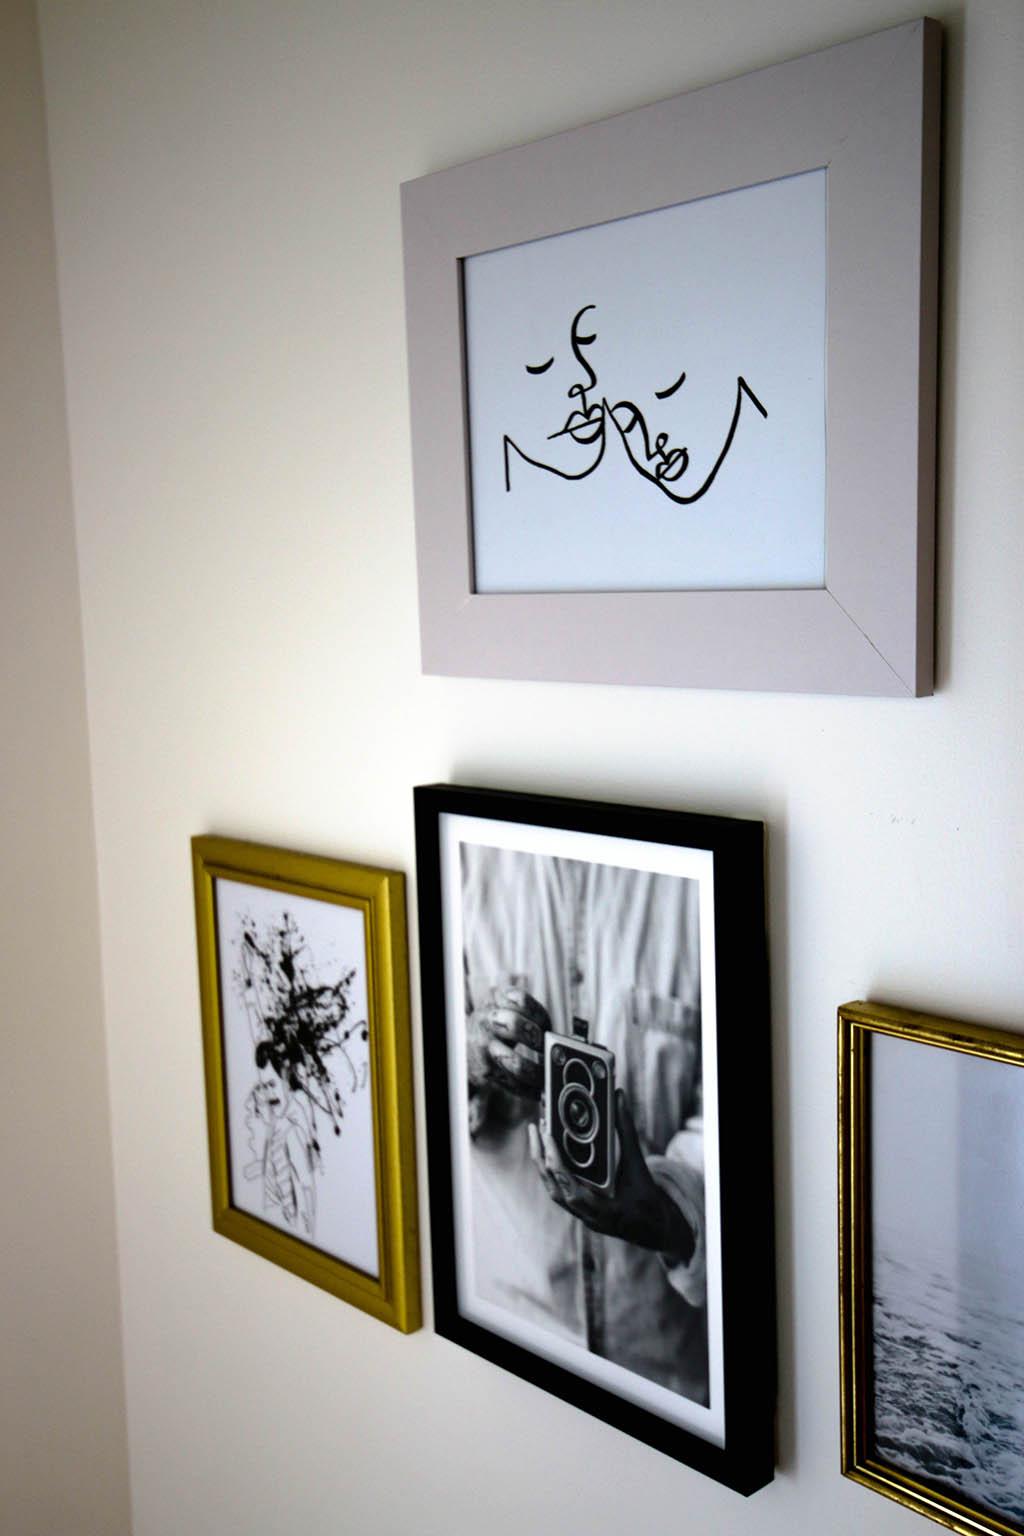 mur de cadres avec photos en noir et blanc